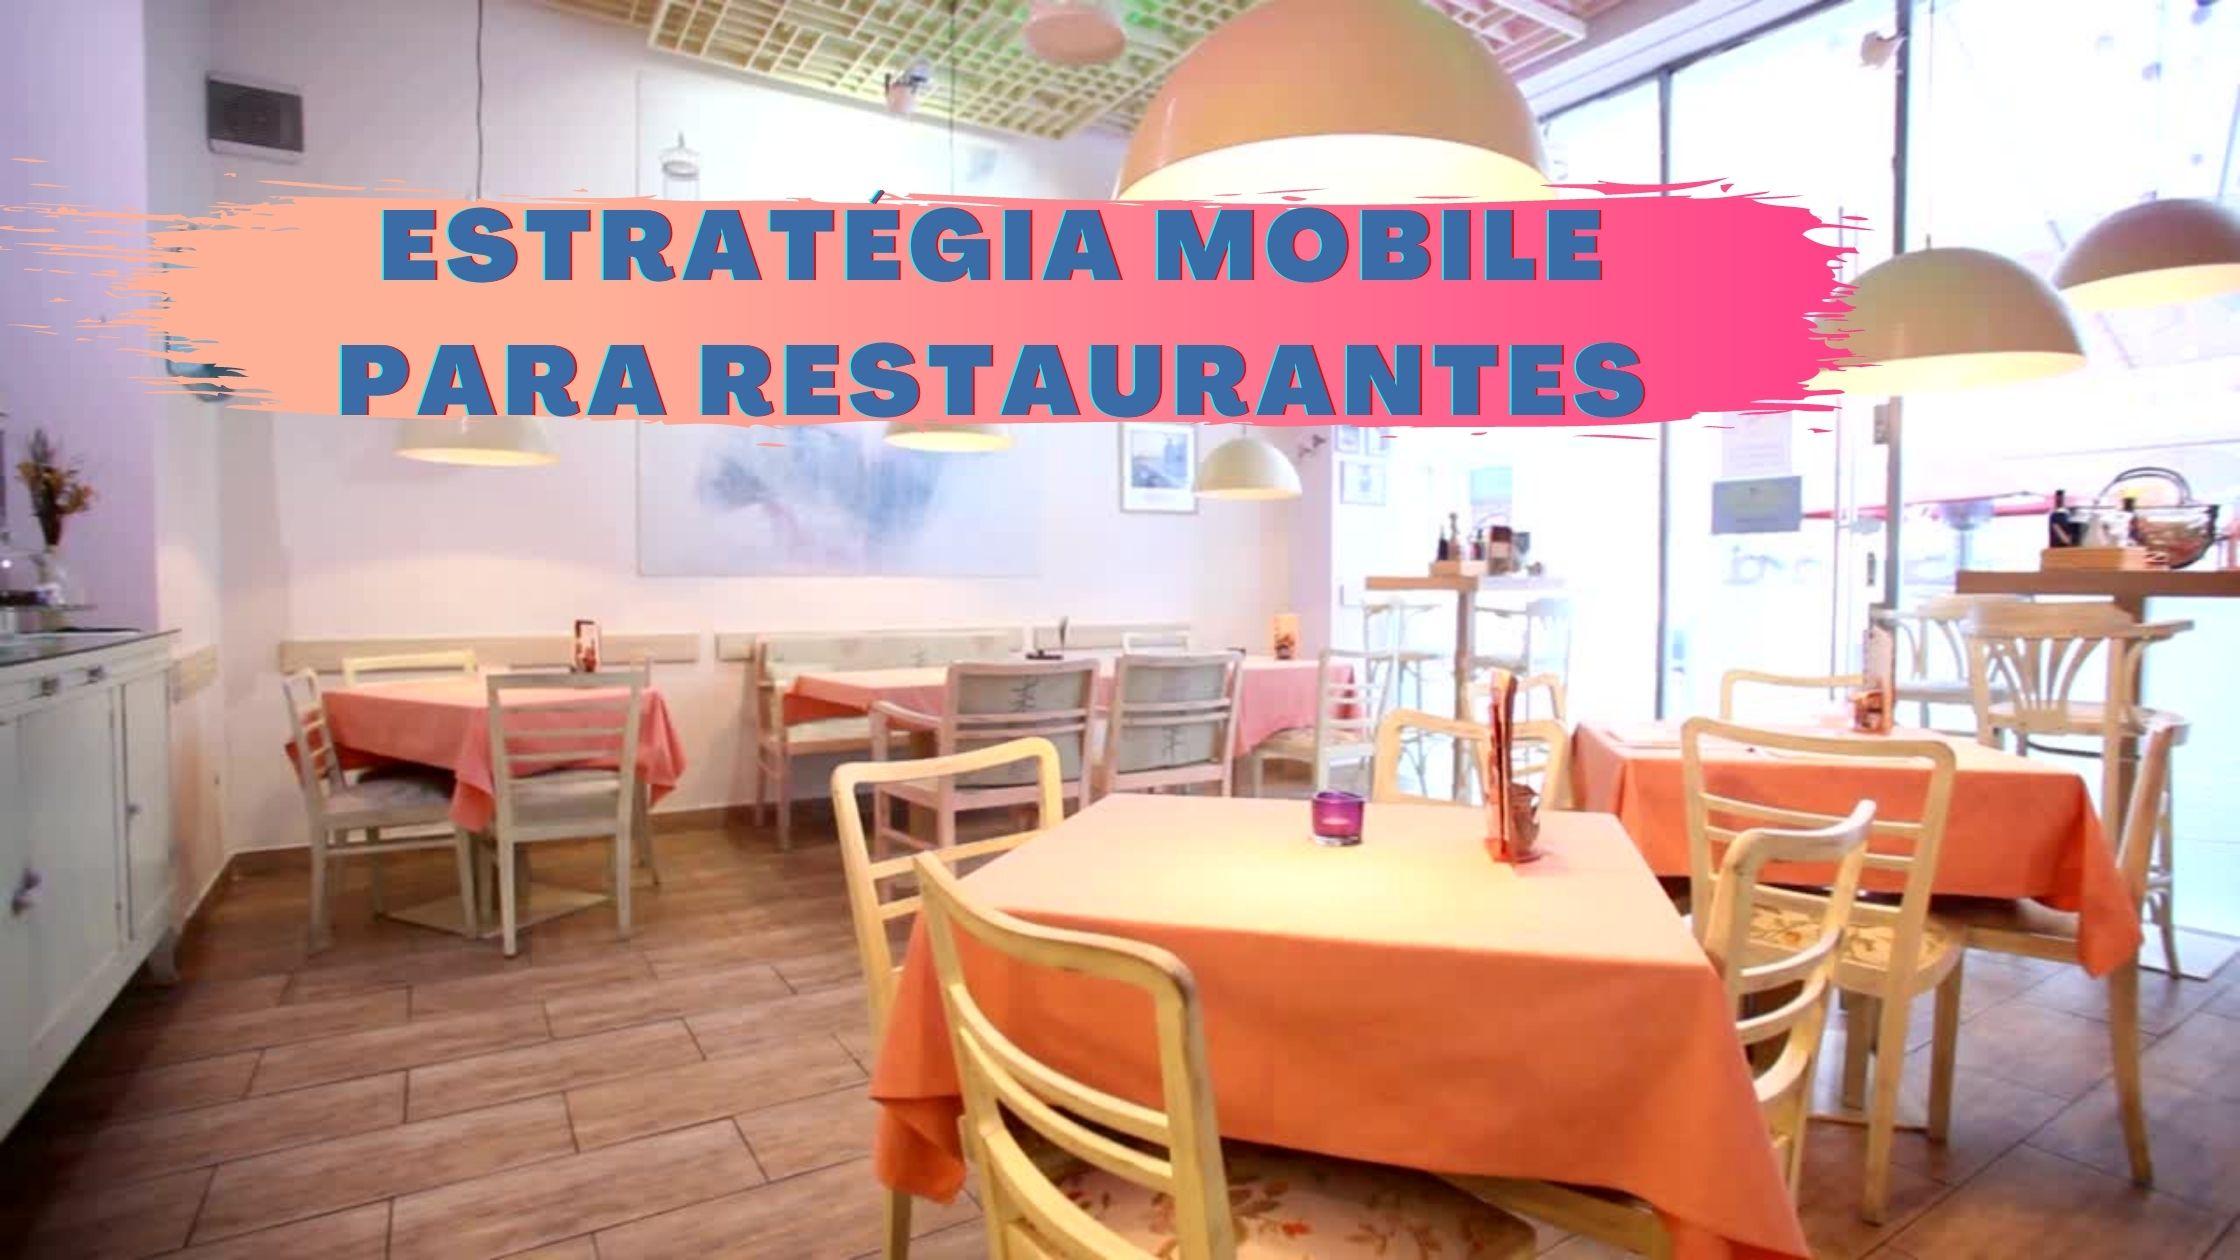 Estratégia Mobile para Restaurantes